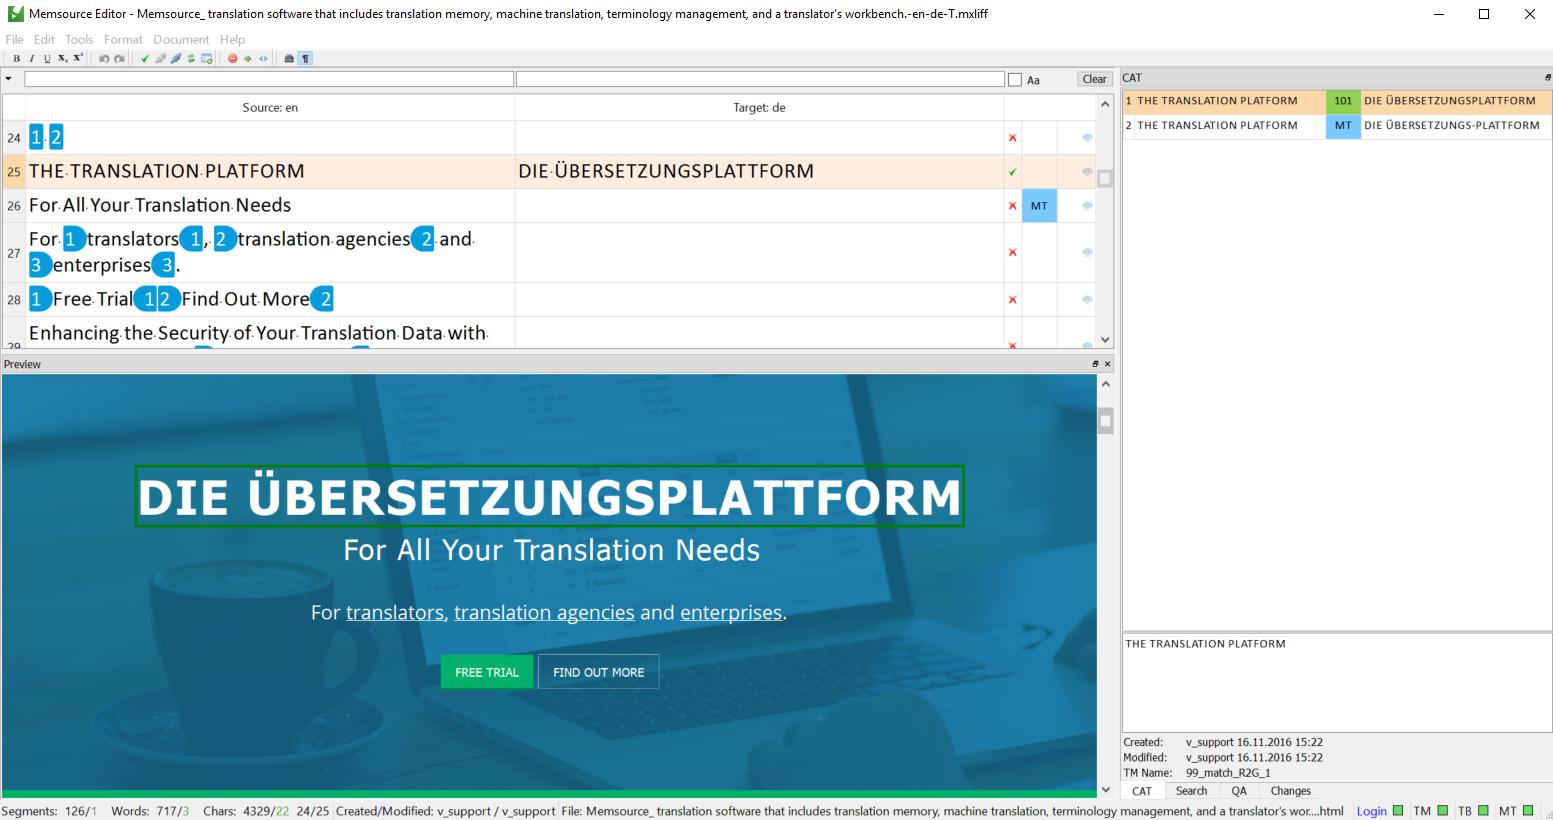 HTMLファイル翻訳中のプレビュー画面